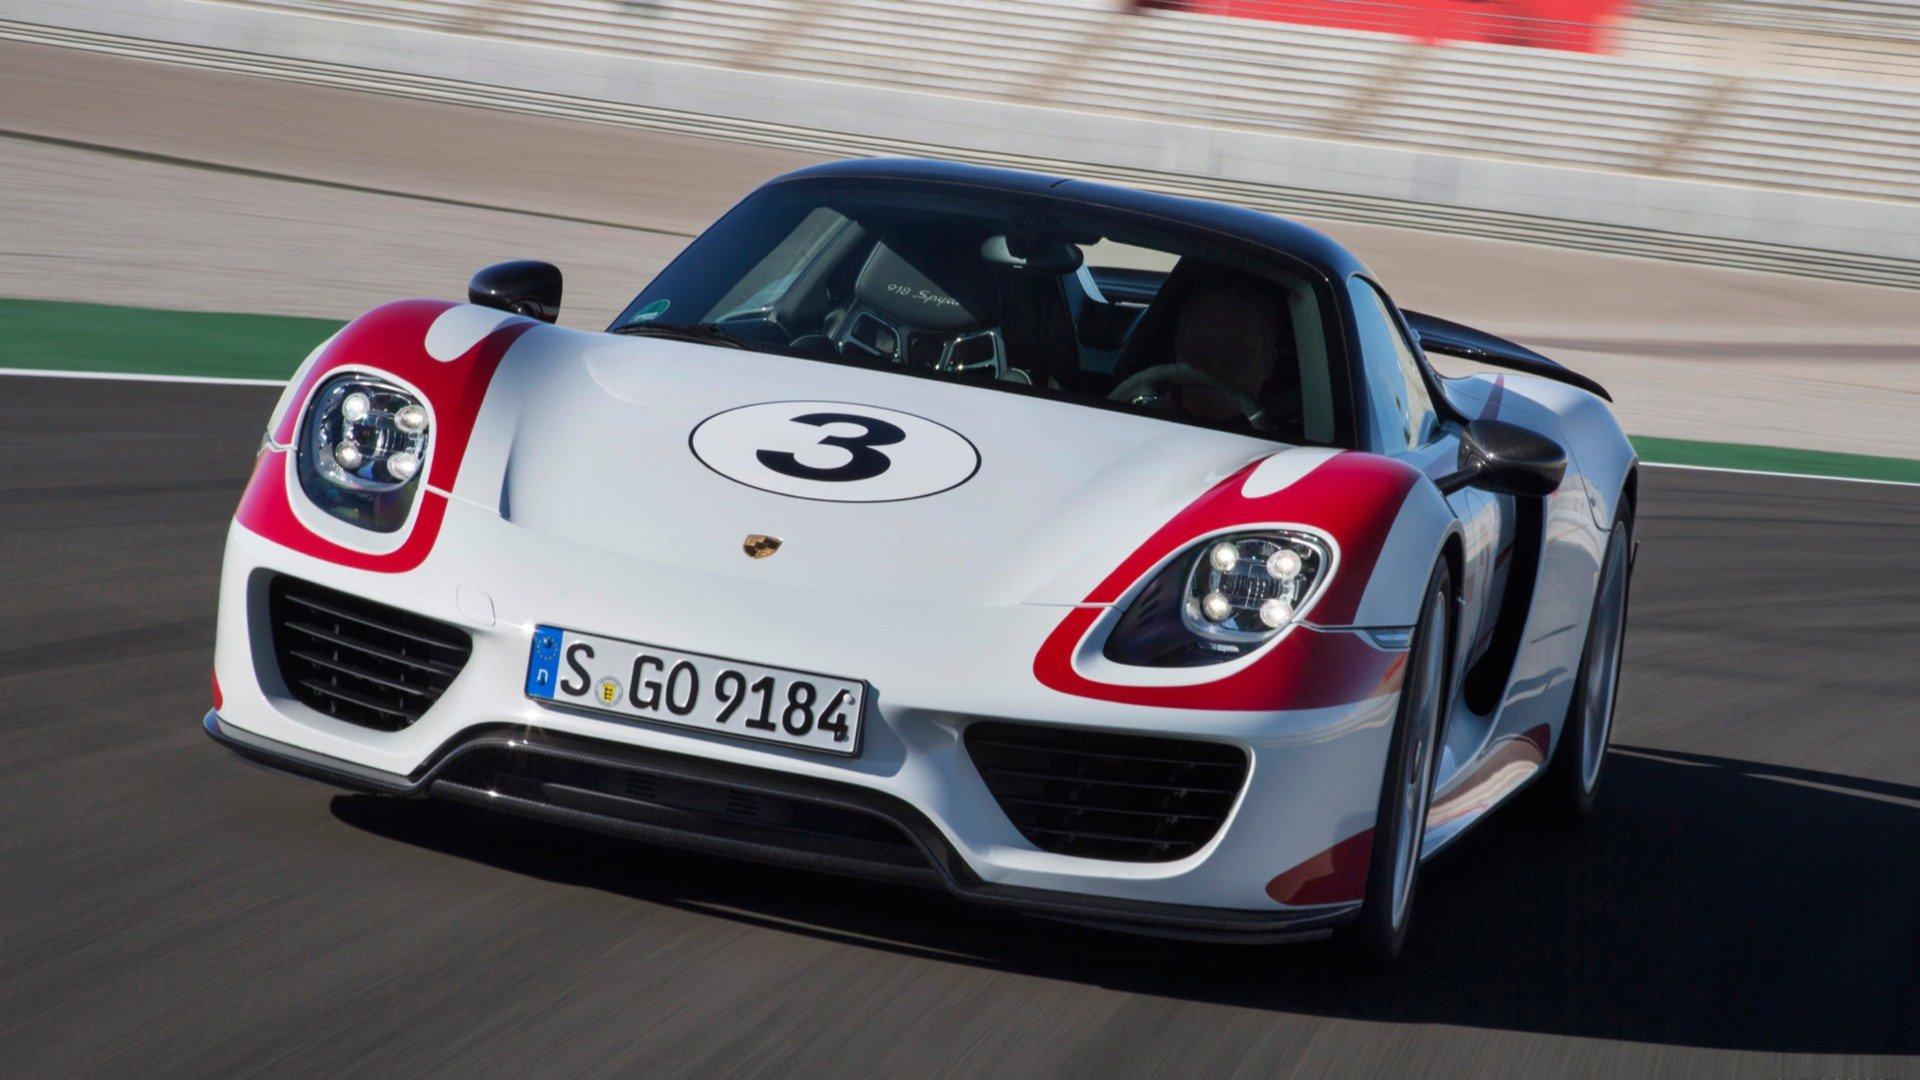 Porsche 918 Spyder Wallpapers Hd For Desktop Backgrounds